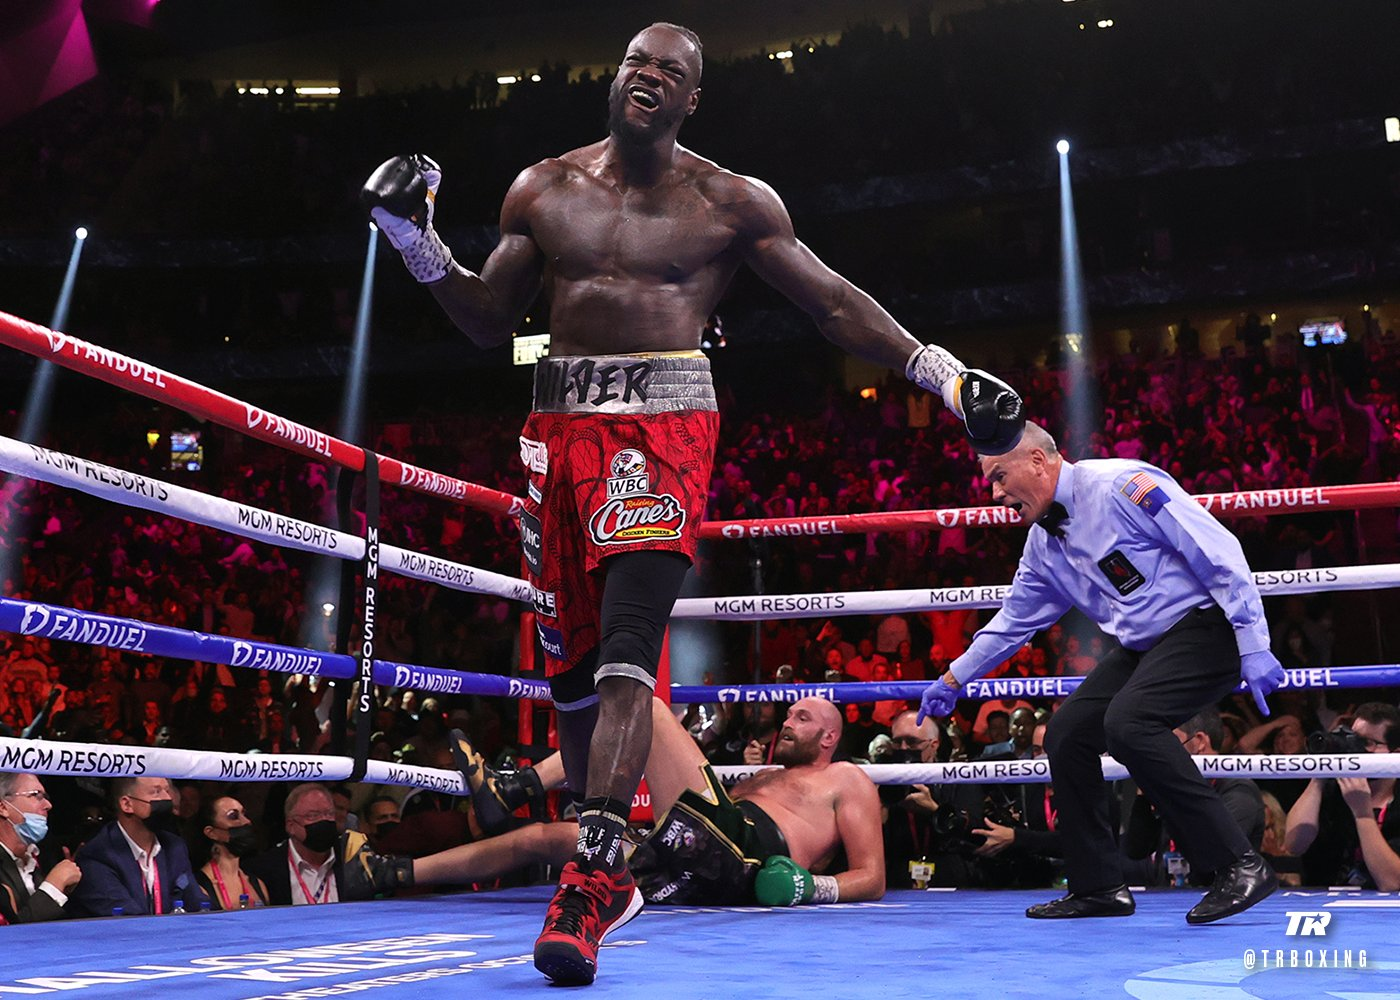 Тайсон Фьюри нокаутировал Уайлдера и защитил титул чемпиона по версии WBC